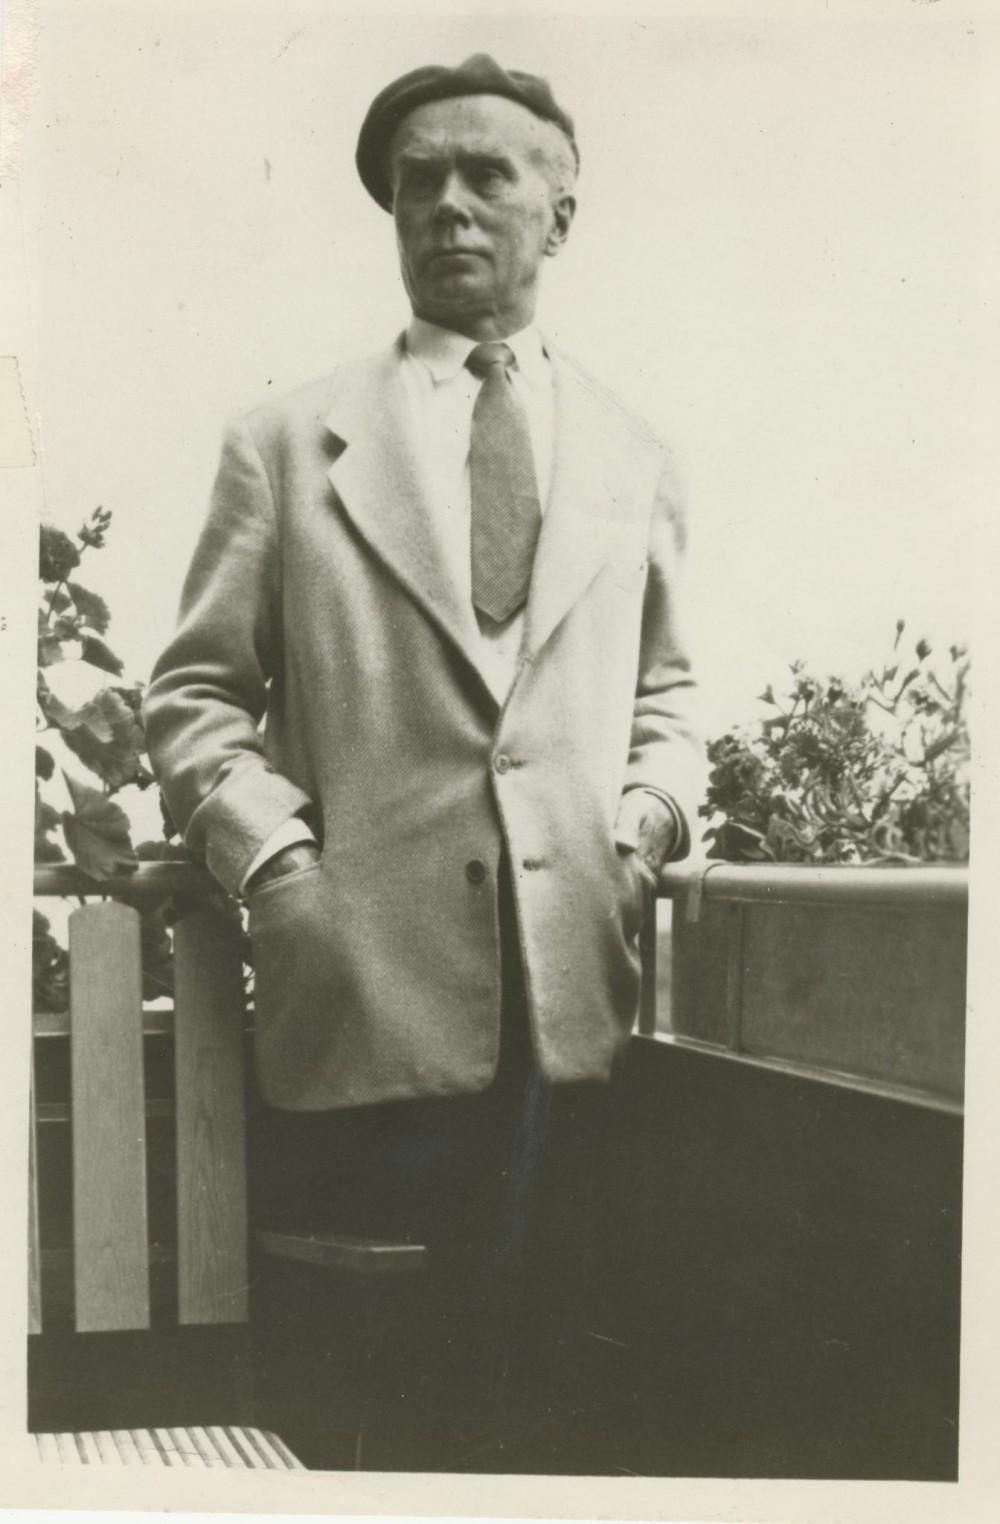 Apie 1956 m. Švedijoje